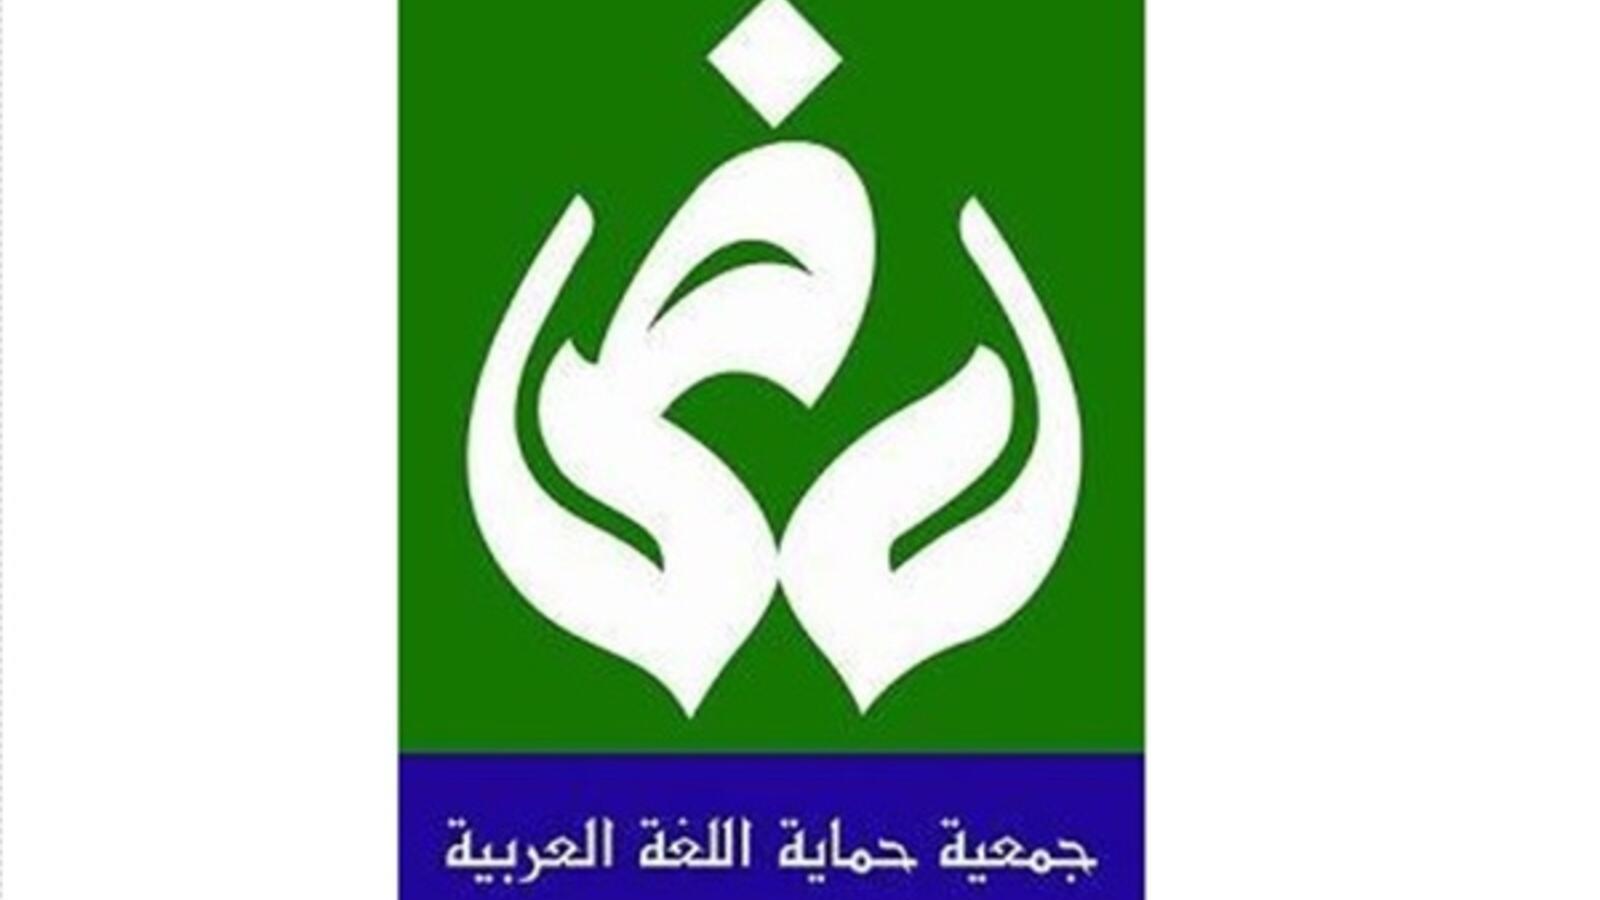 جمعية حماية اللغة العربية